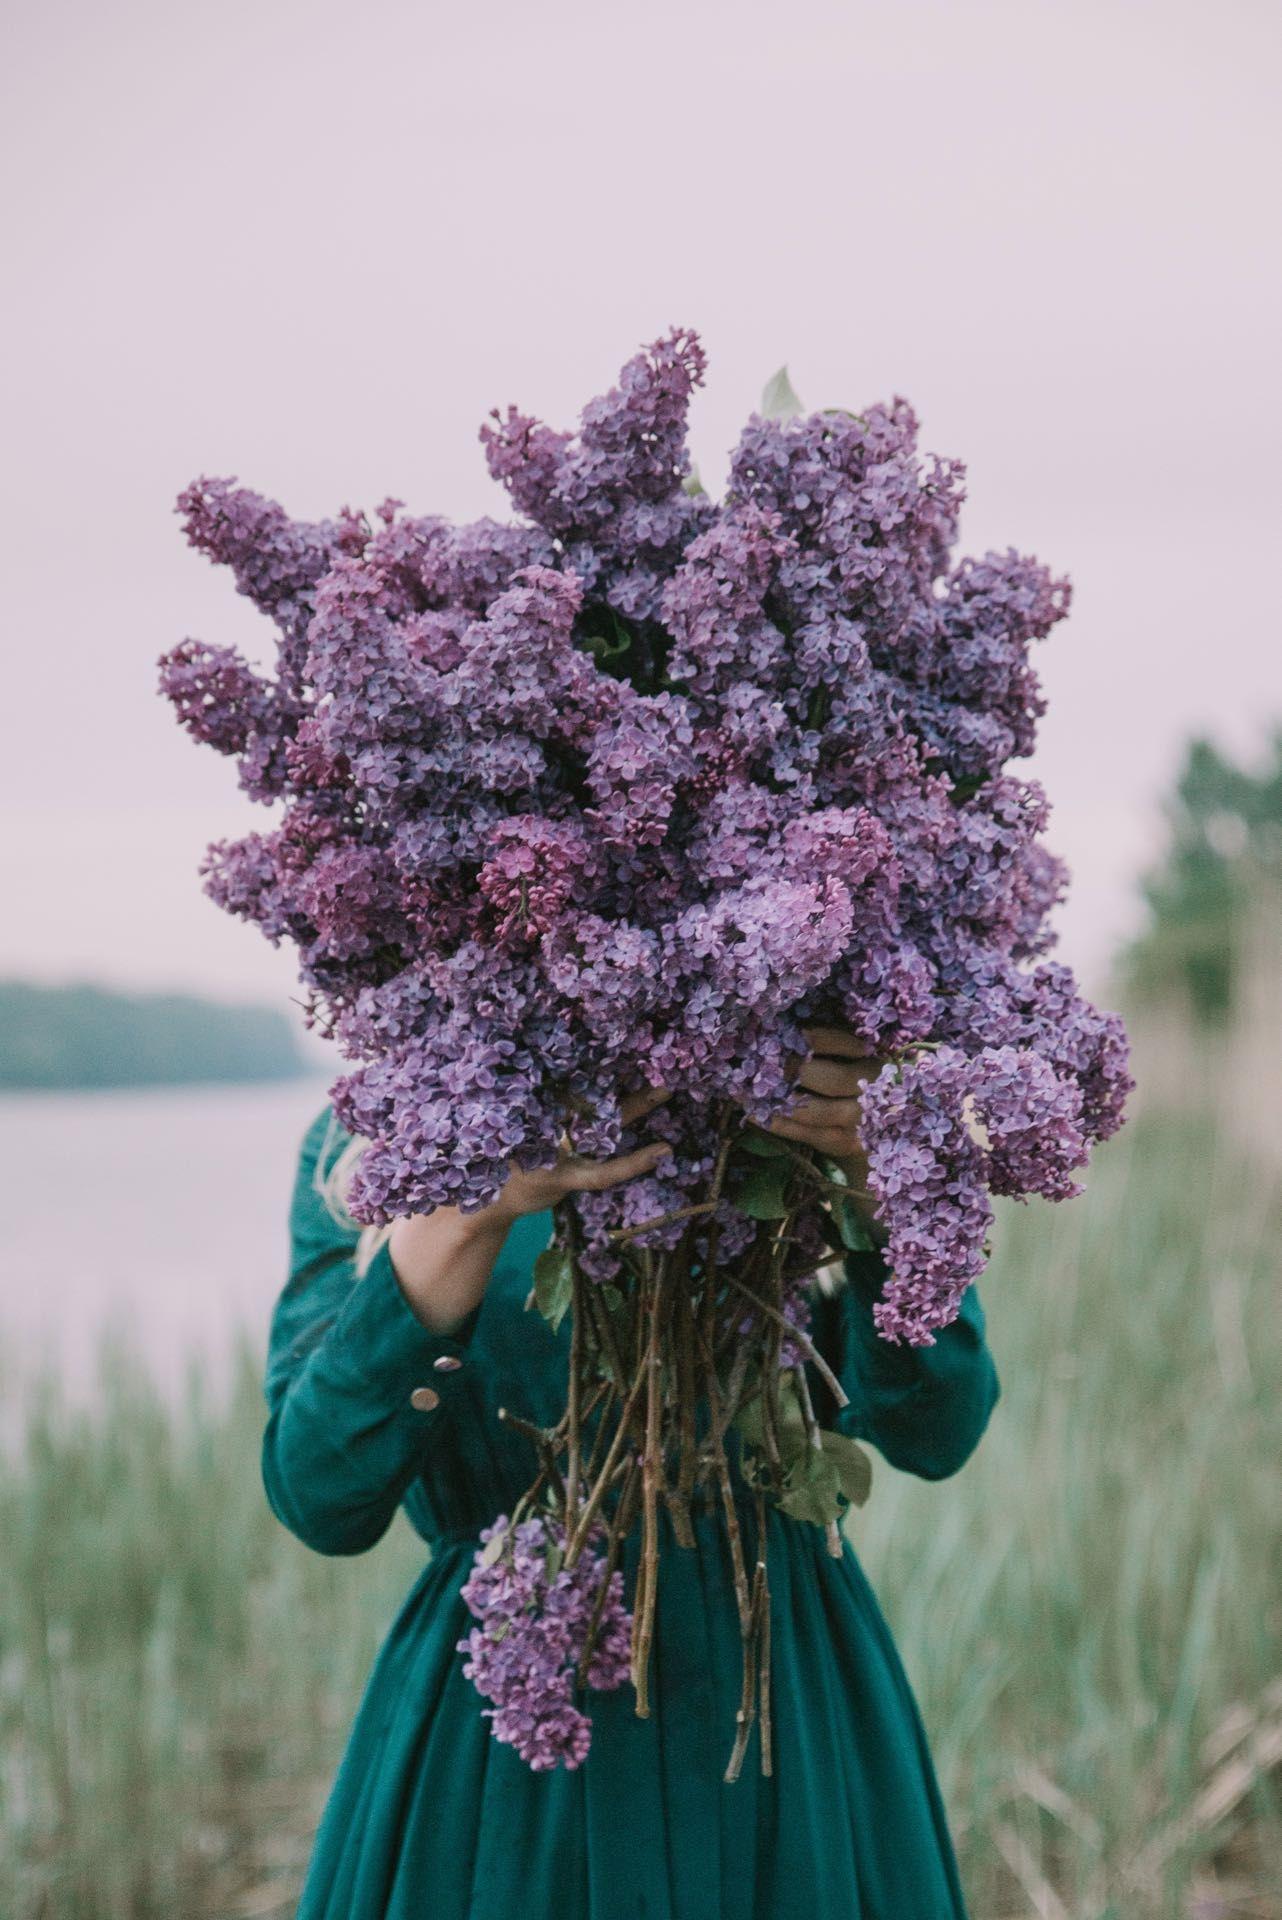 Hochzeitstrends 2019 Dies Sind Die Ultimativen Trends Fur Eure Hochzeit In 2019 Kleiner Flieder Flieder Lila Bluten Fotografie Blumen